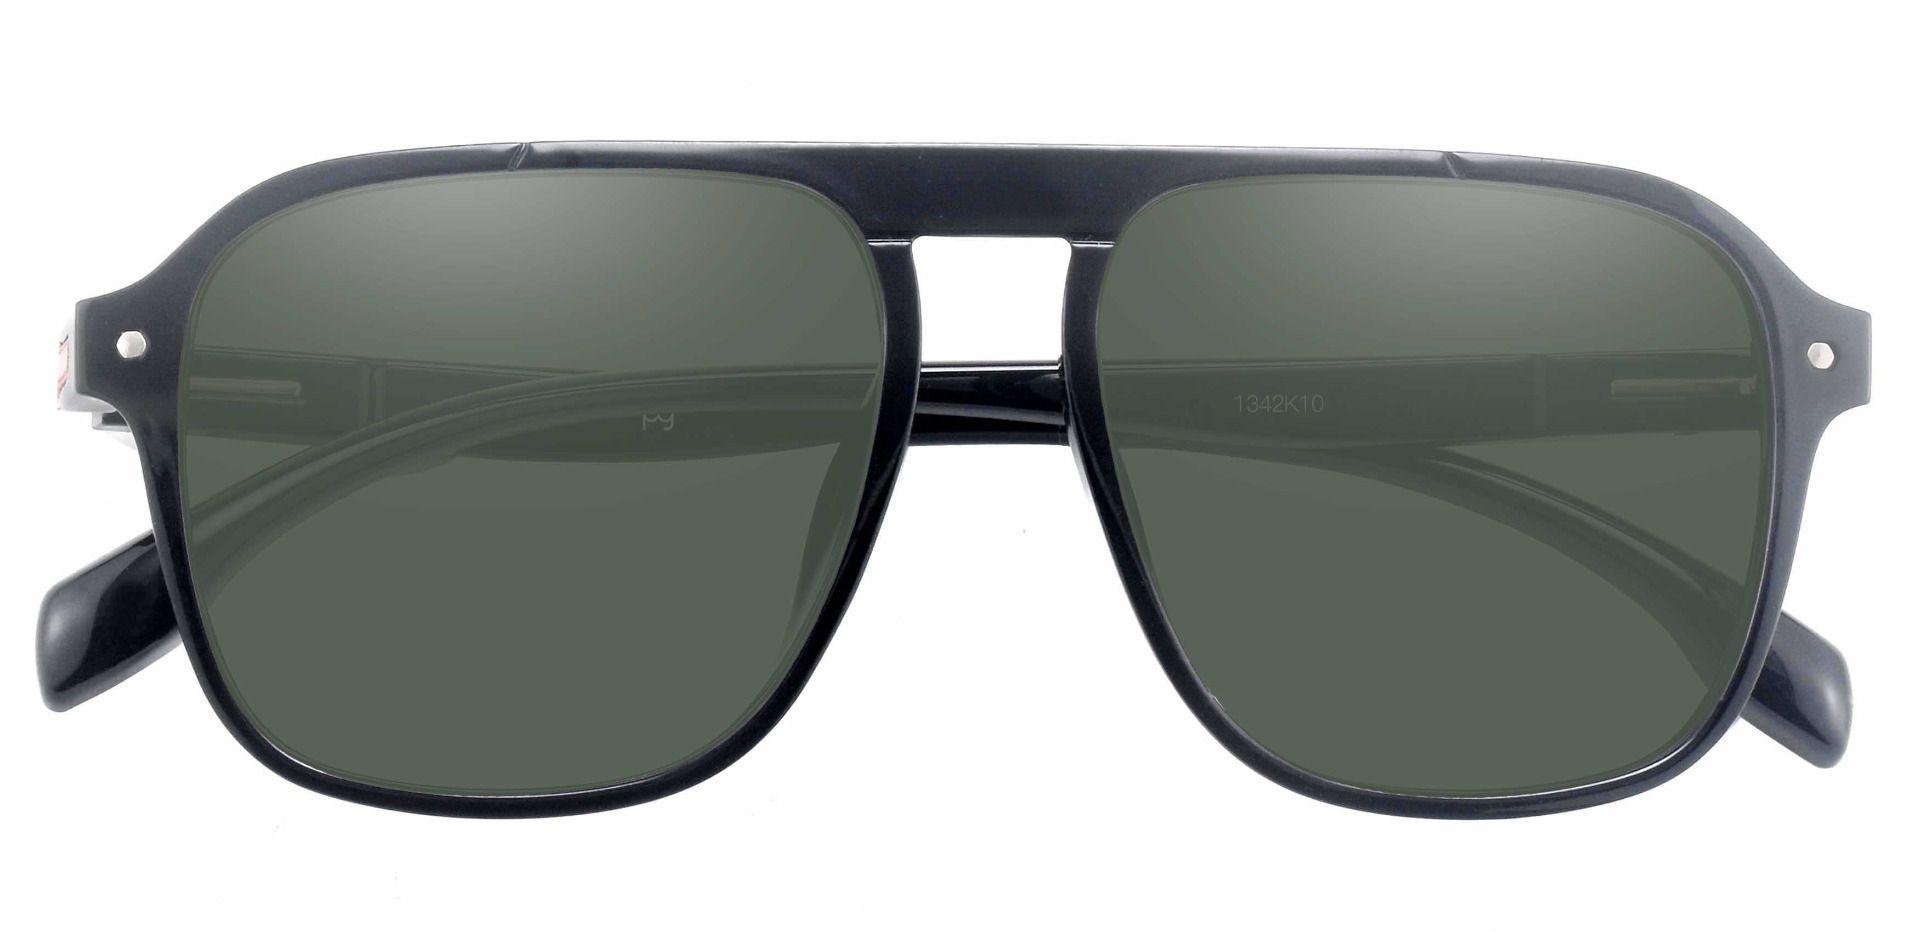 Gideon Aviator Reading Sunglasses - Black Frame With Green Lenses